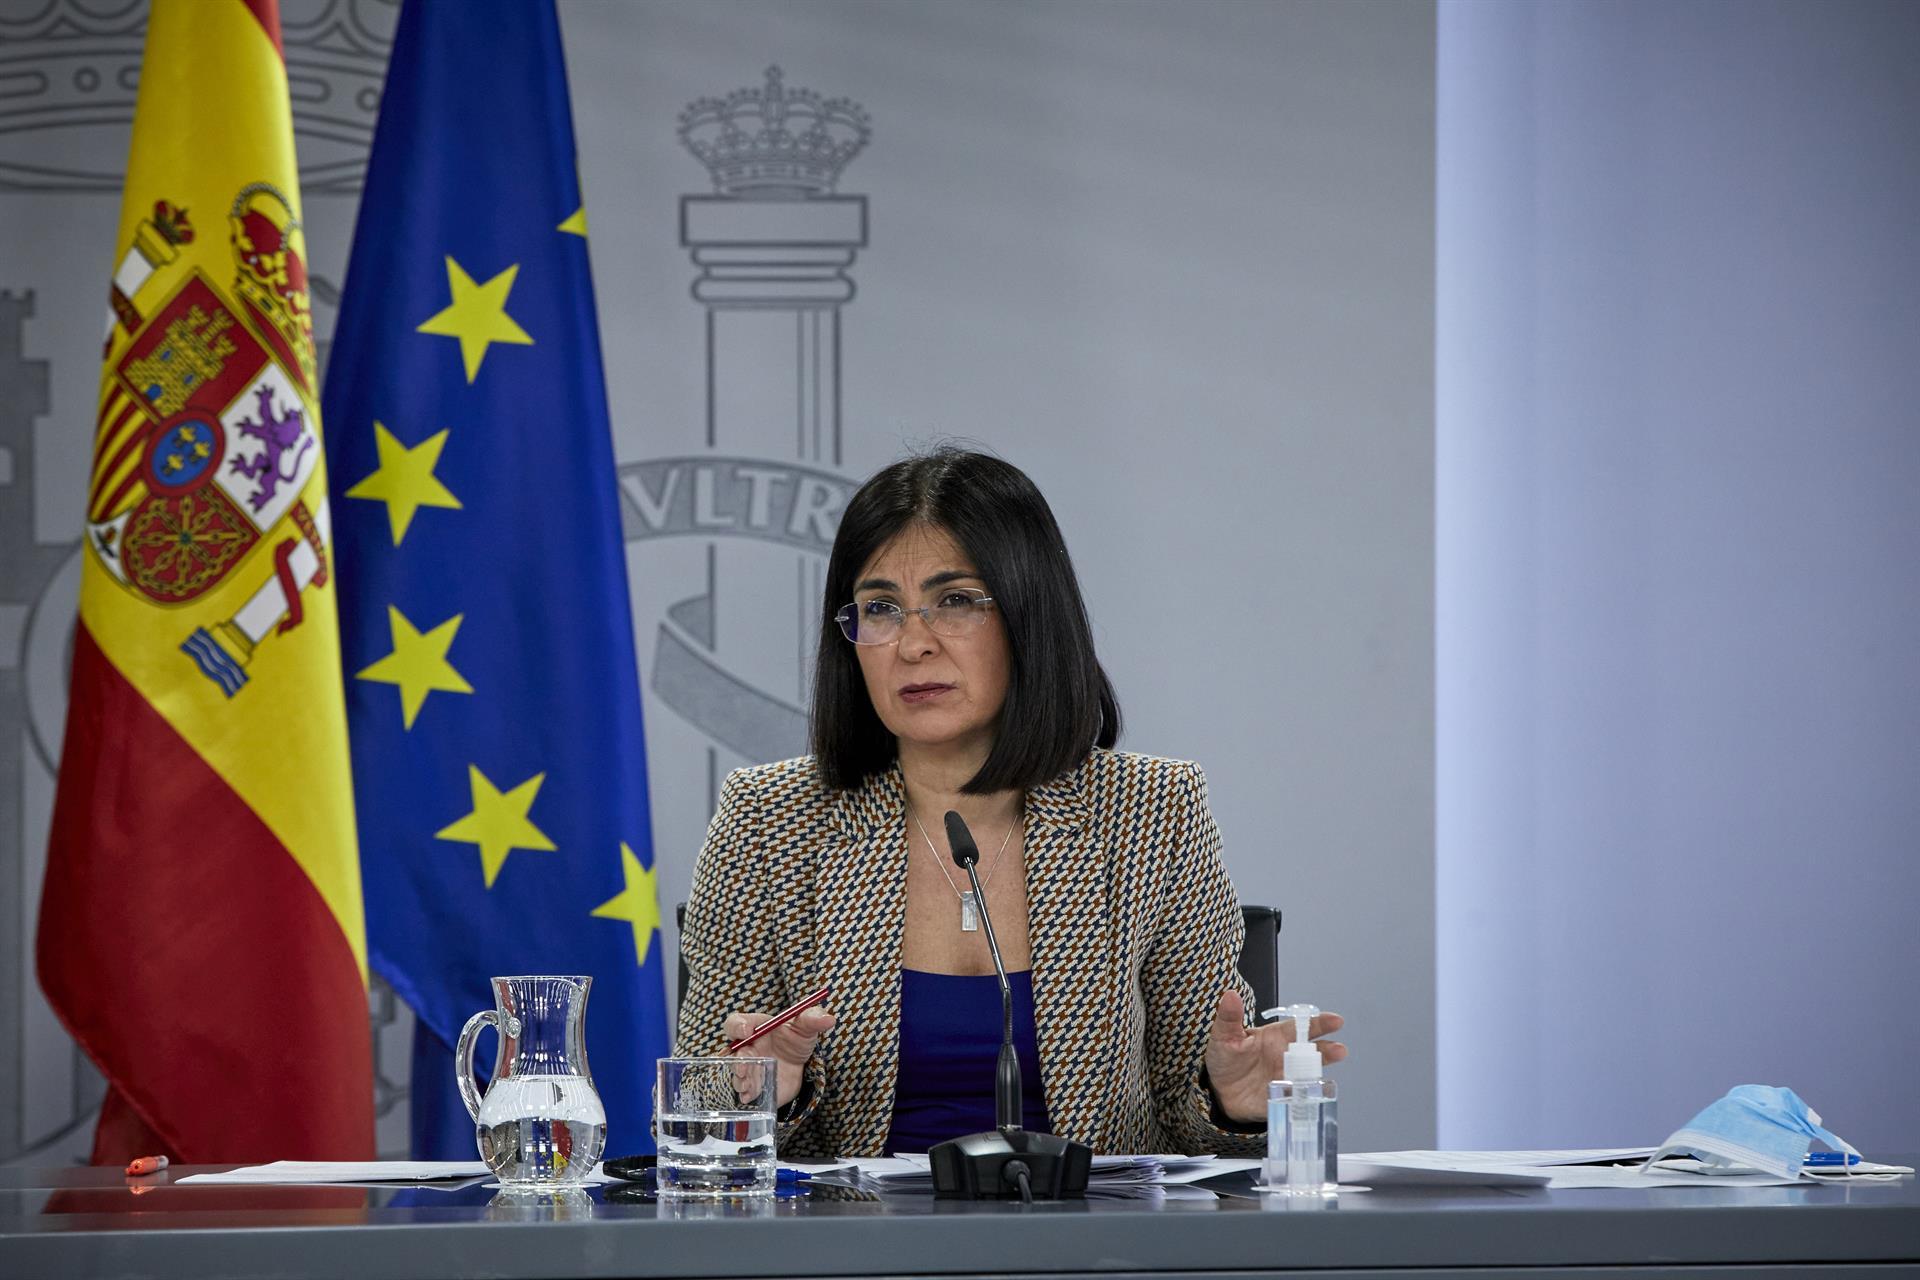 La ministra de Sanidad, Carolina Darias durante una rueda de prensa, tras la reunión del Consejo Interterritorial del Sistema Nacional de Salud, en Madrid (España), a 10 de febrero de 2021. – EUROPA PRESS/J. Hellín. POOL – Europa Press